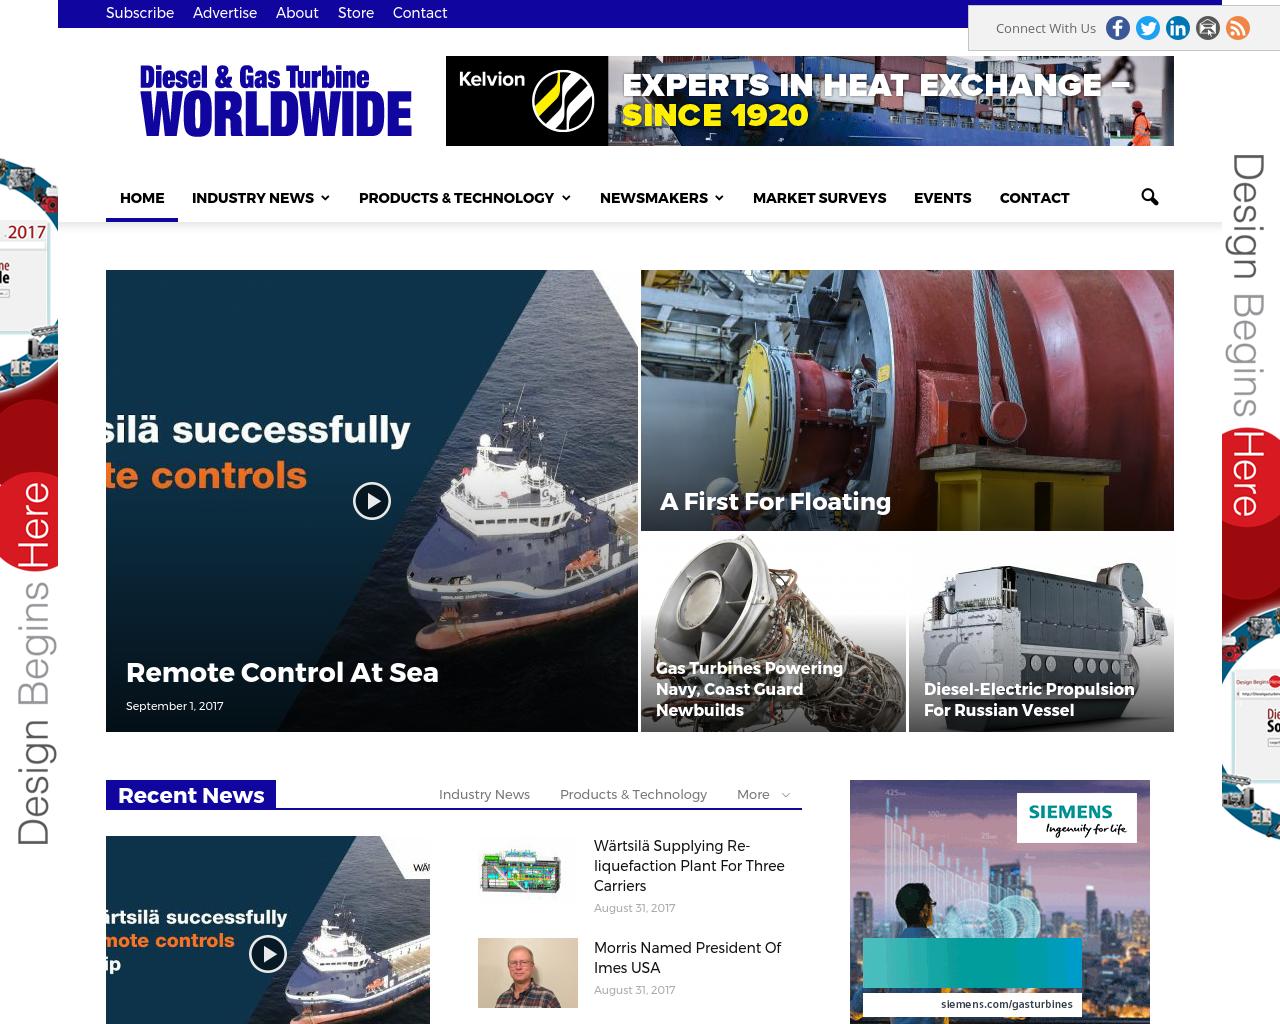 Diesel-&-Gas-Turbine-Worldwide-Advertising-Reviews-Pricing